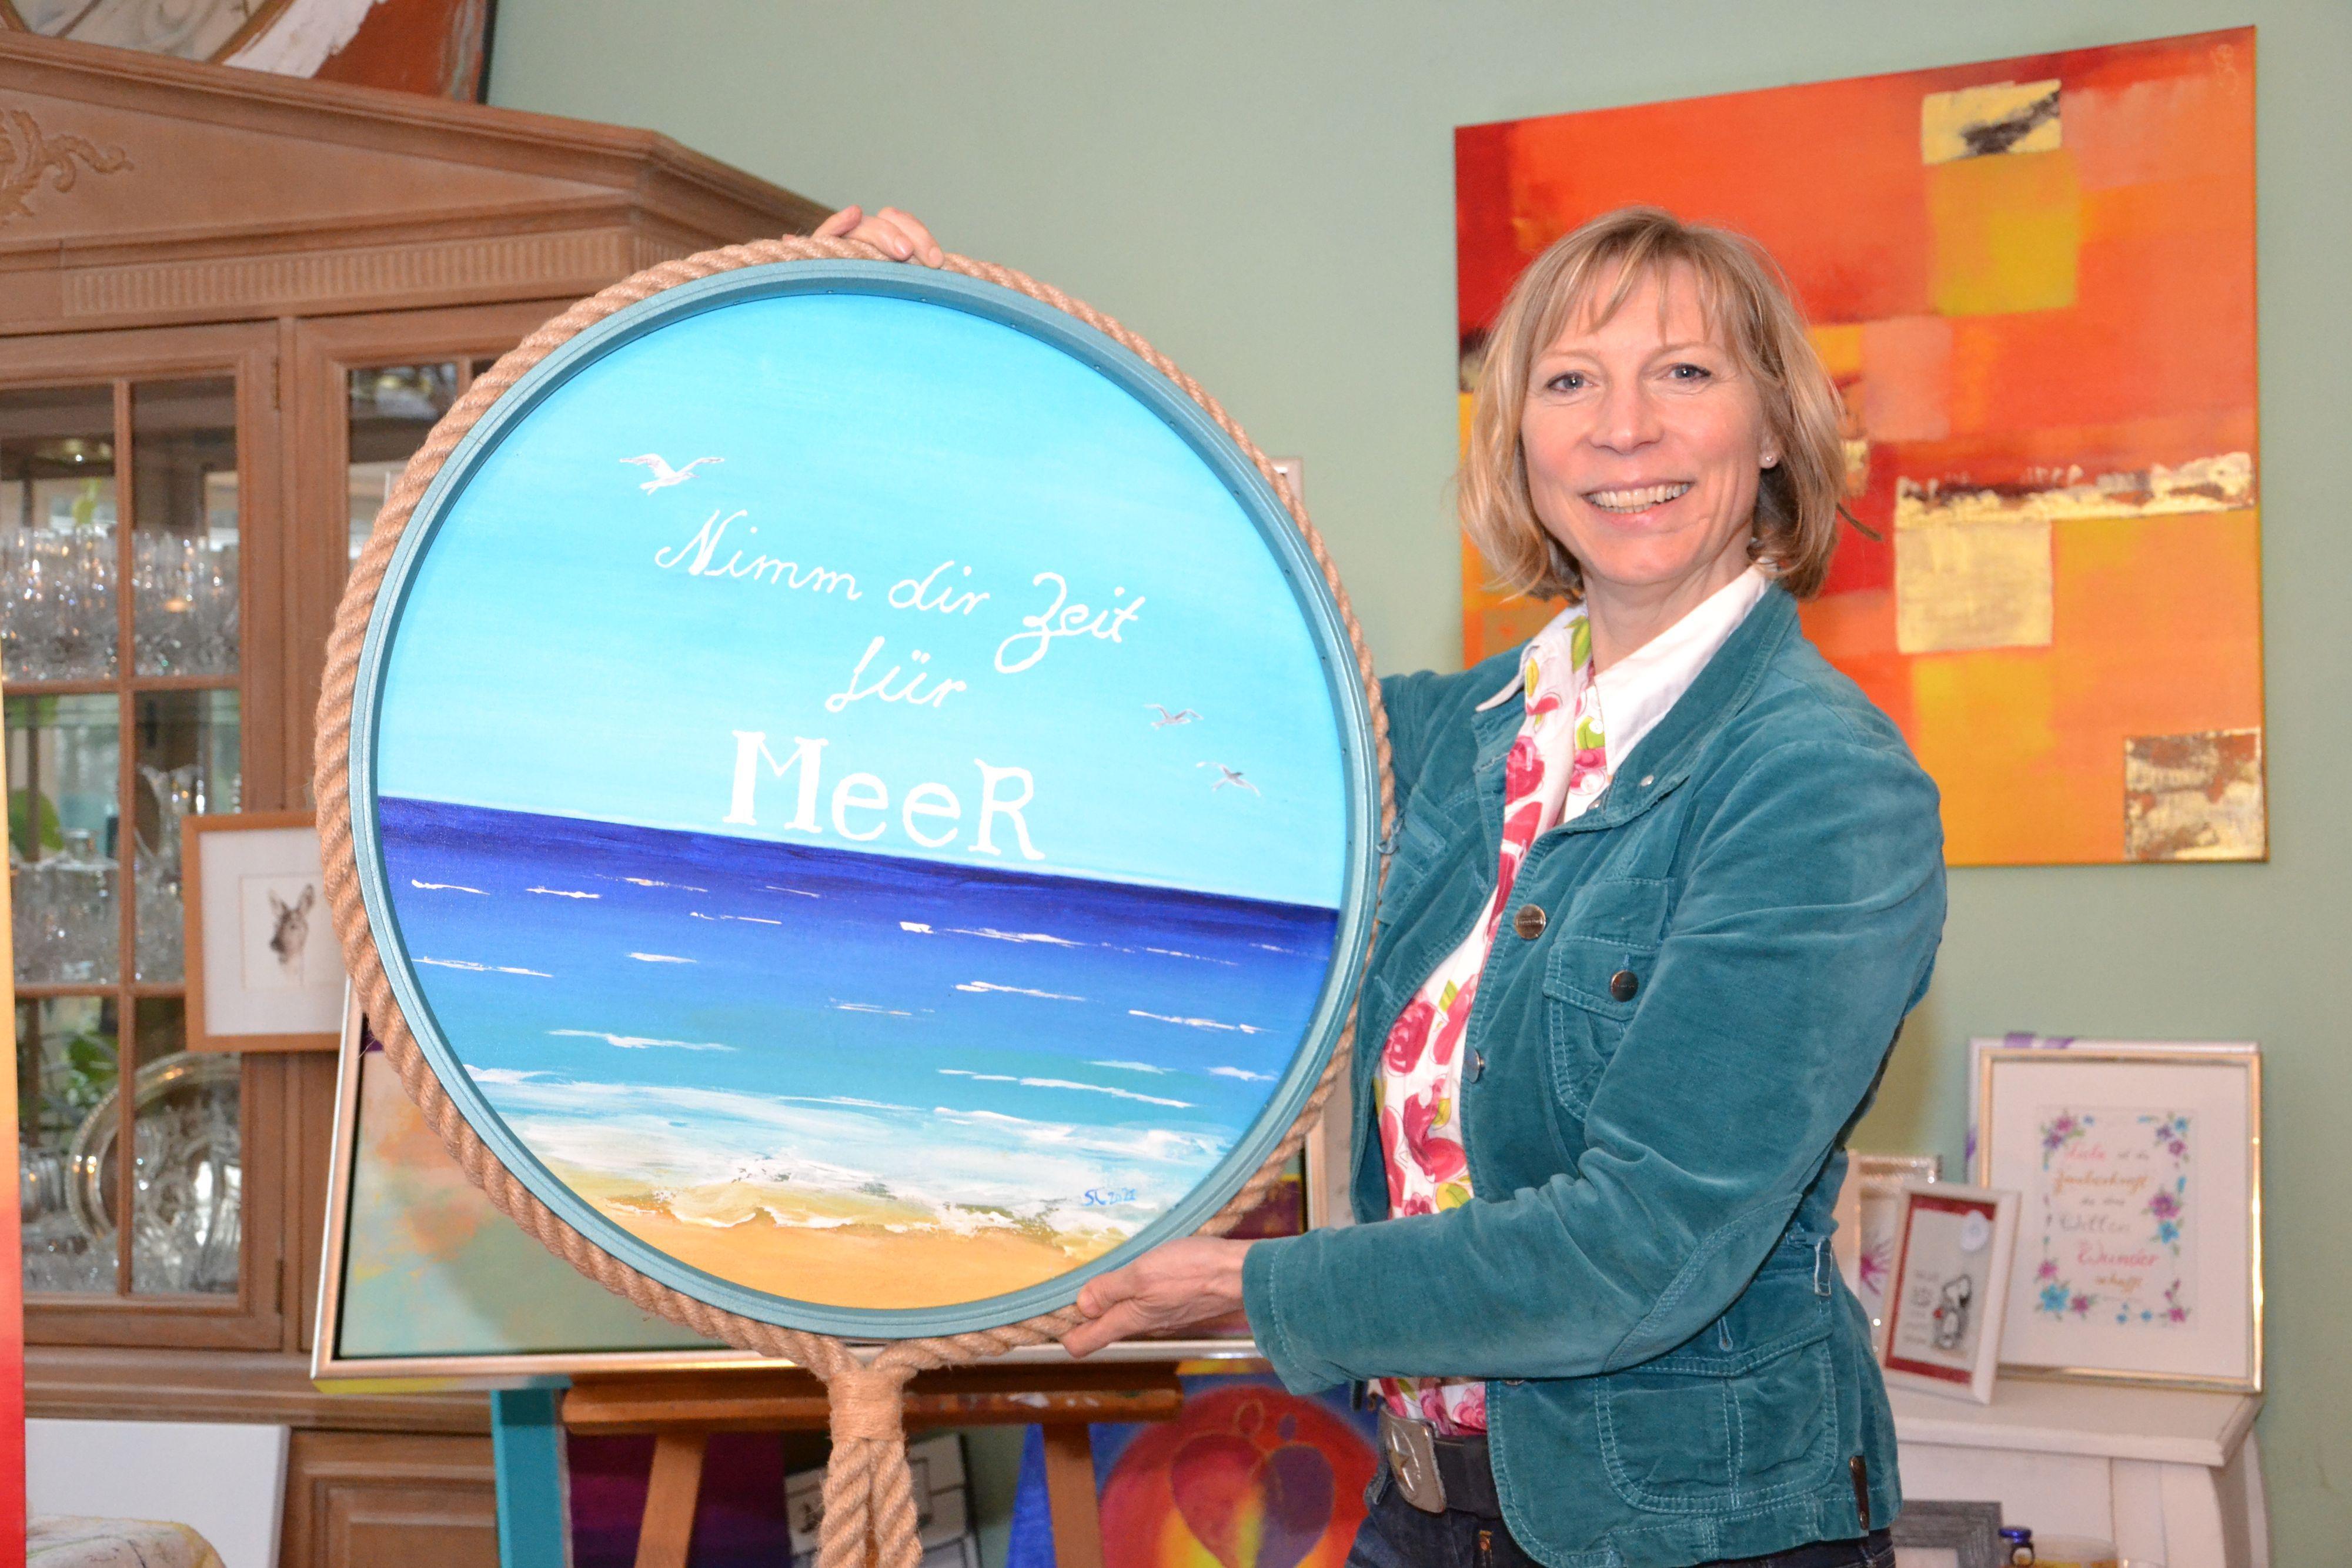 Nimm dir Zeit für Meer: Das dekorative Bild könnte fast das Motto der Malwerkstatt sein, die Stefanie Taubenheim in Kneheim betreibt. Foto: Bernd Götting